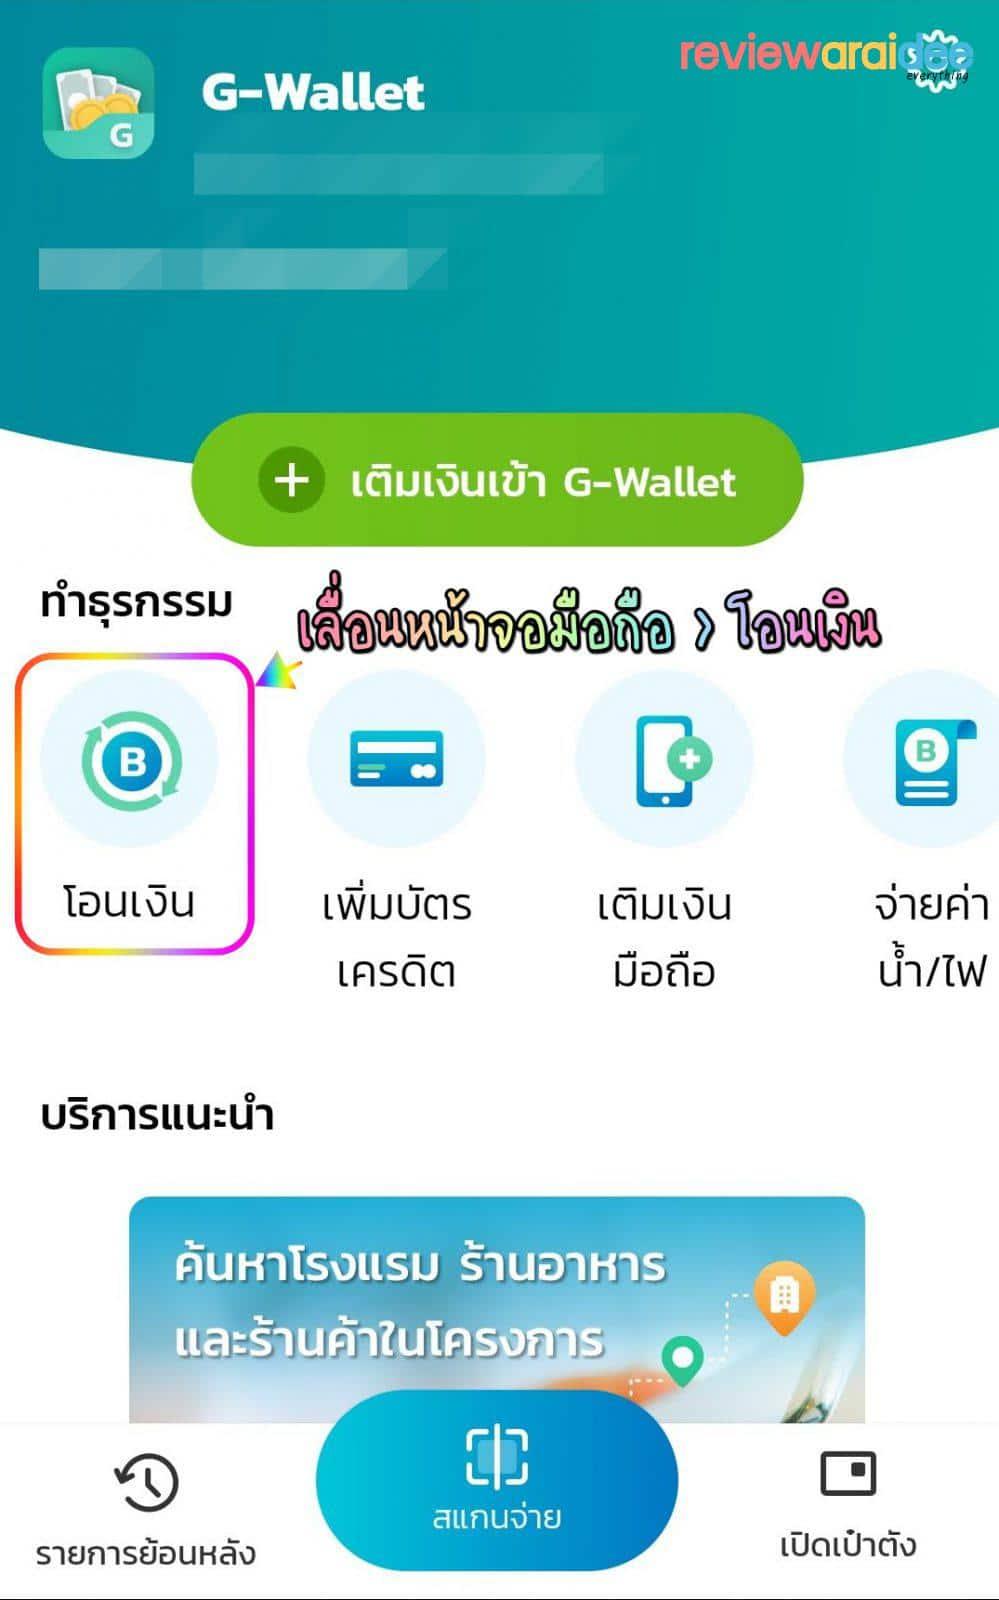 วิธีเอาเงินออกจากแอปเป๋าตัง g-wallet โอนเงินไปบัญชีธนาคารของเราหรือบัญชีคนอื่น เลิกใช้งาน g-wallet แล้ว